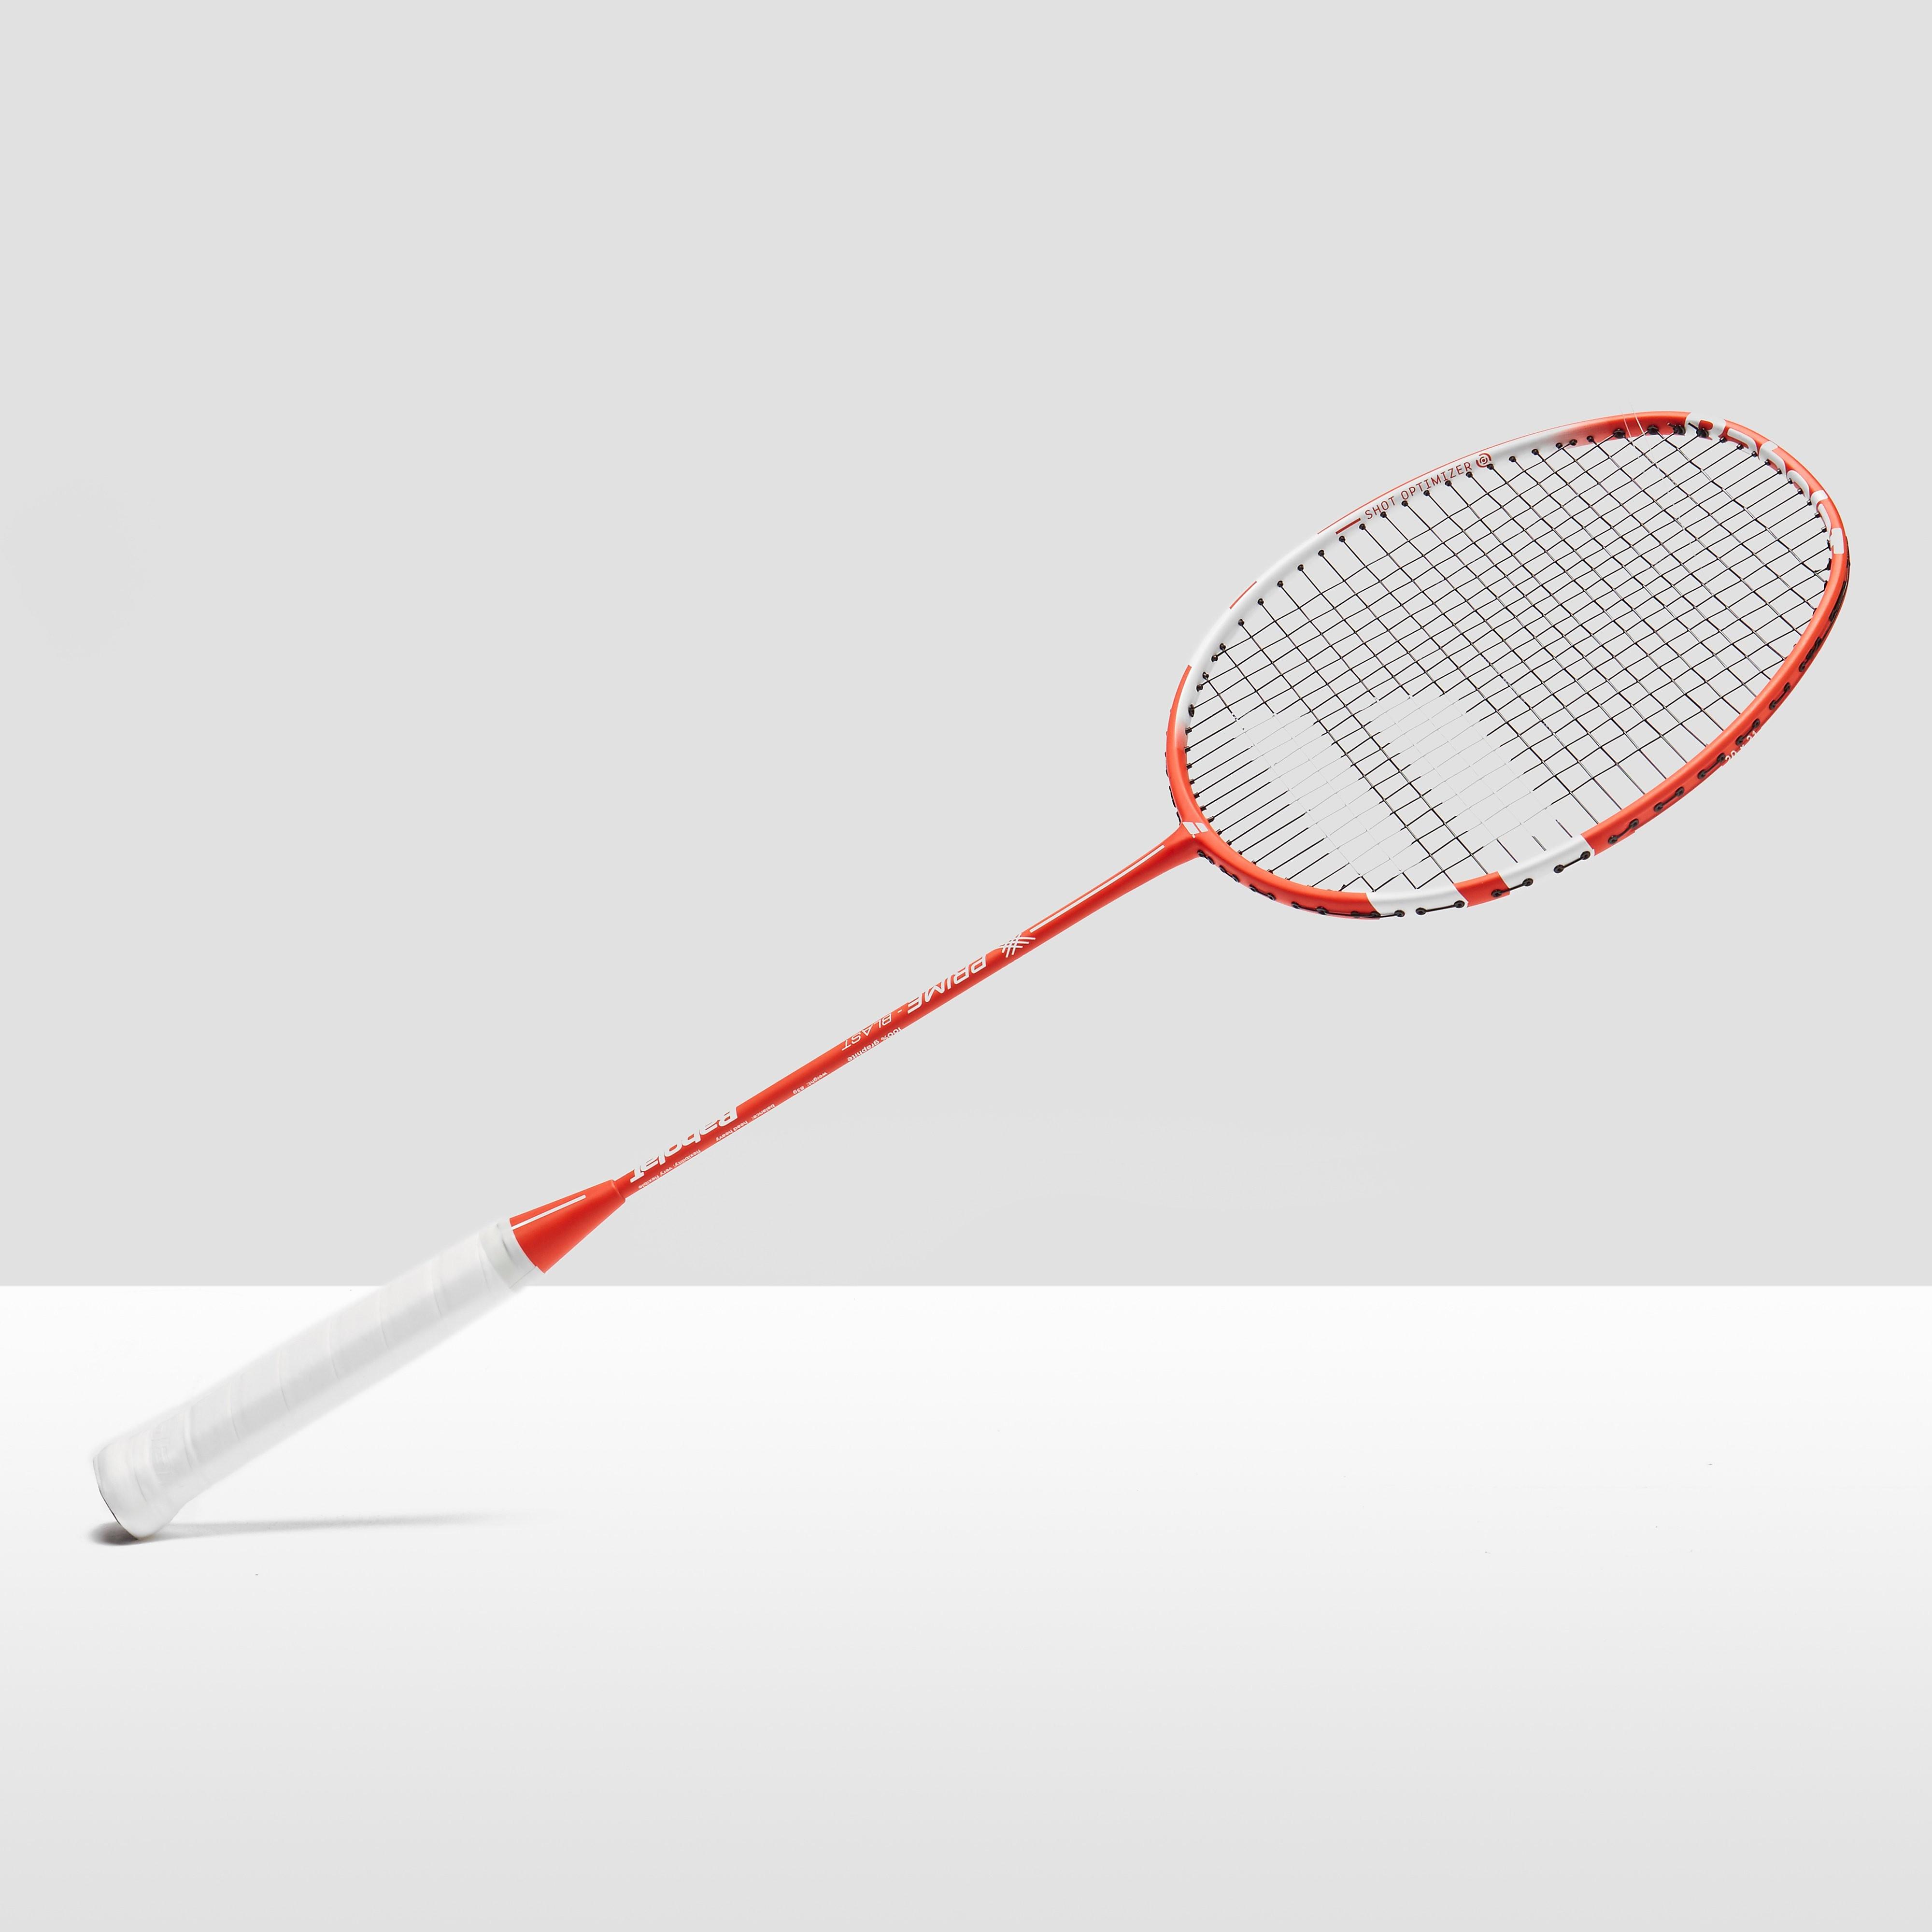 Babolat Prime Blast II Badminton Racket